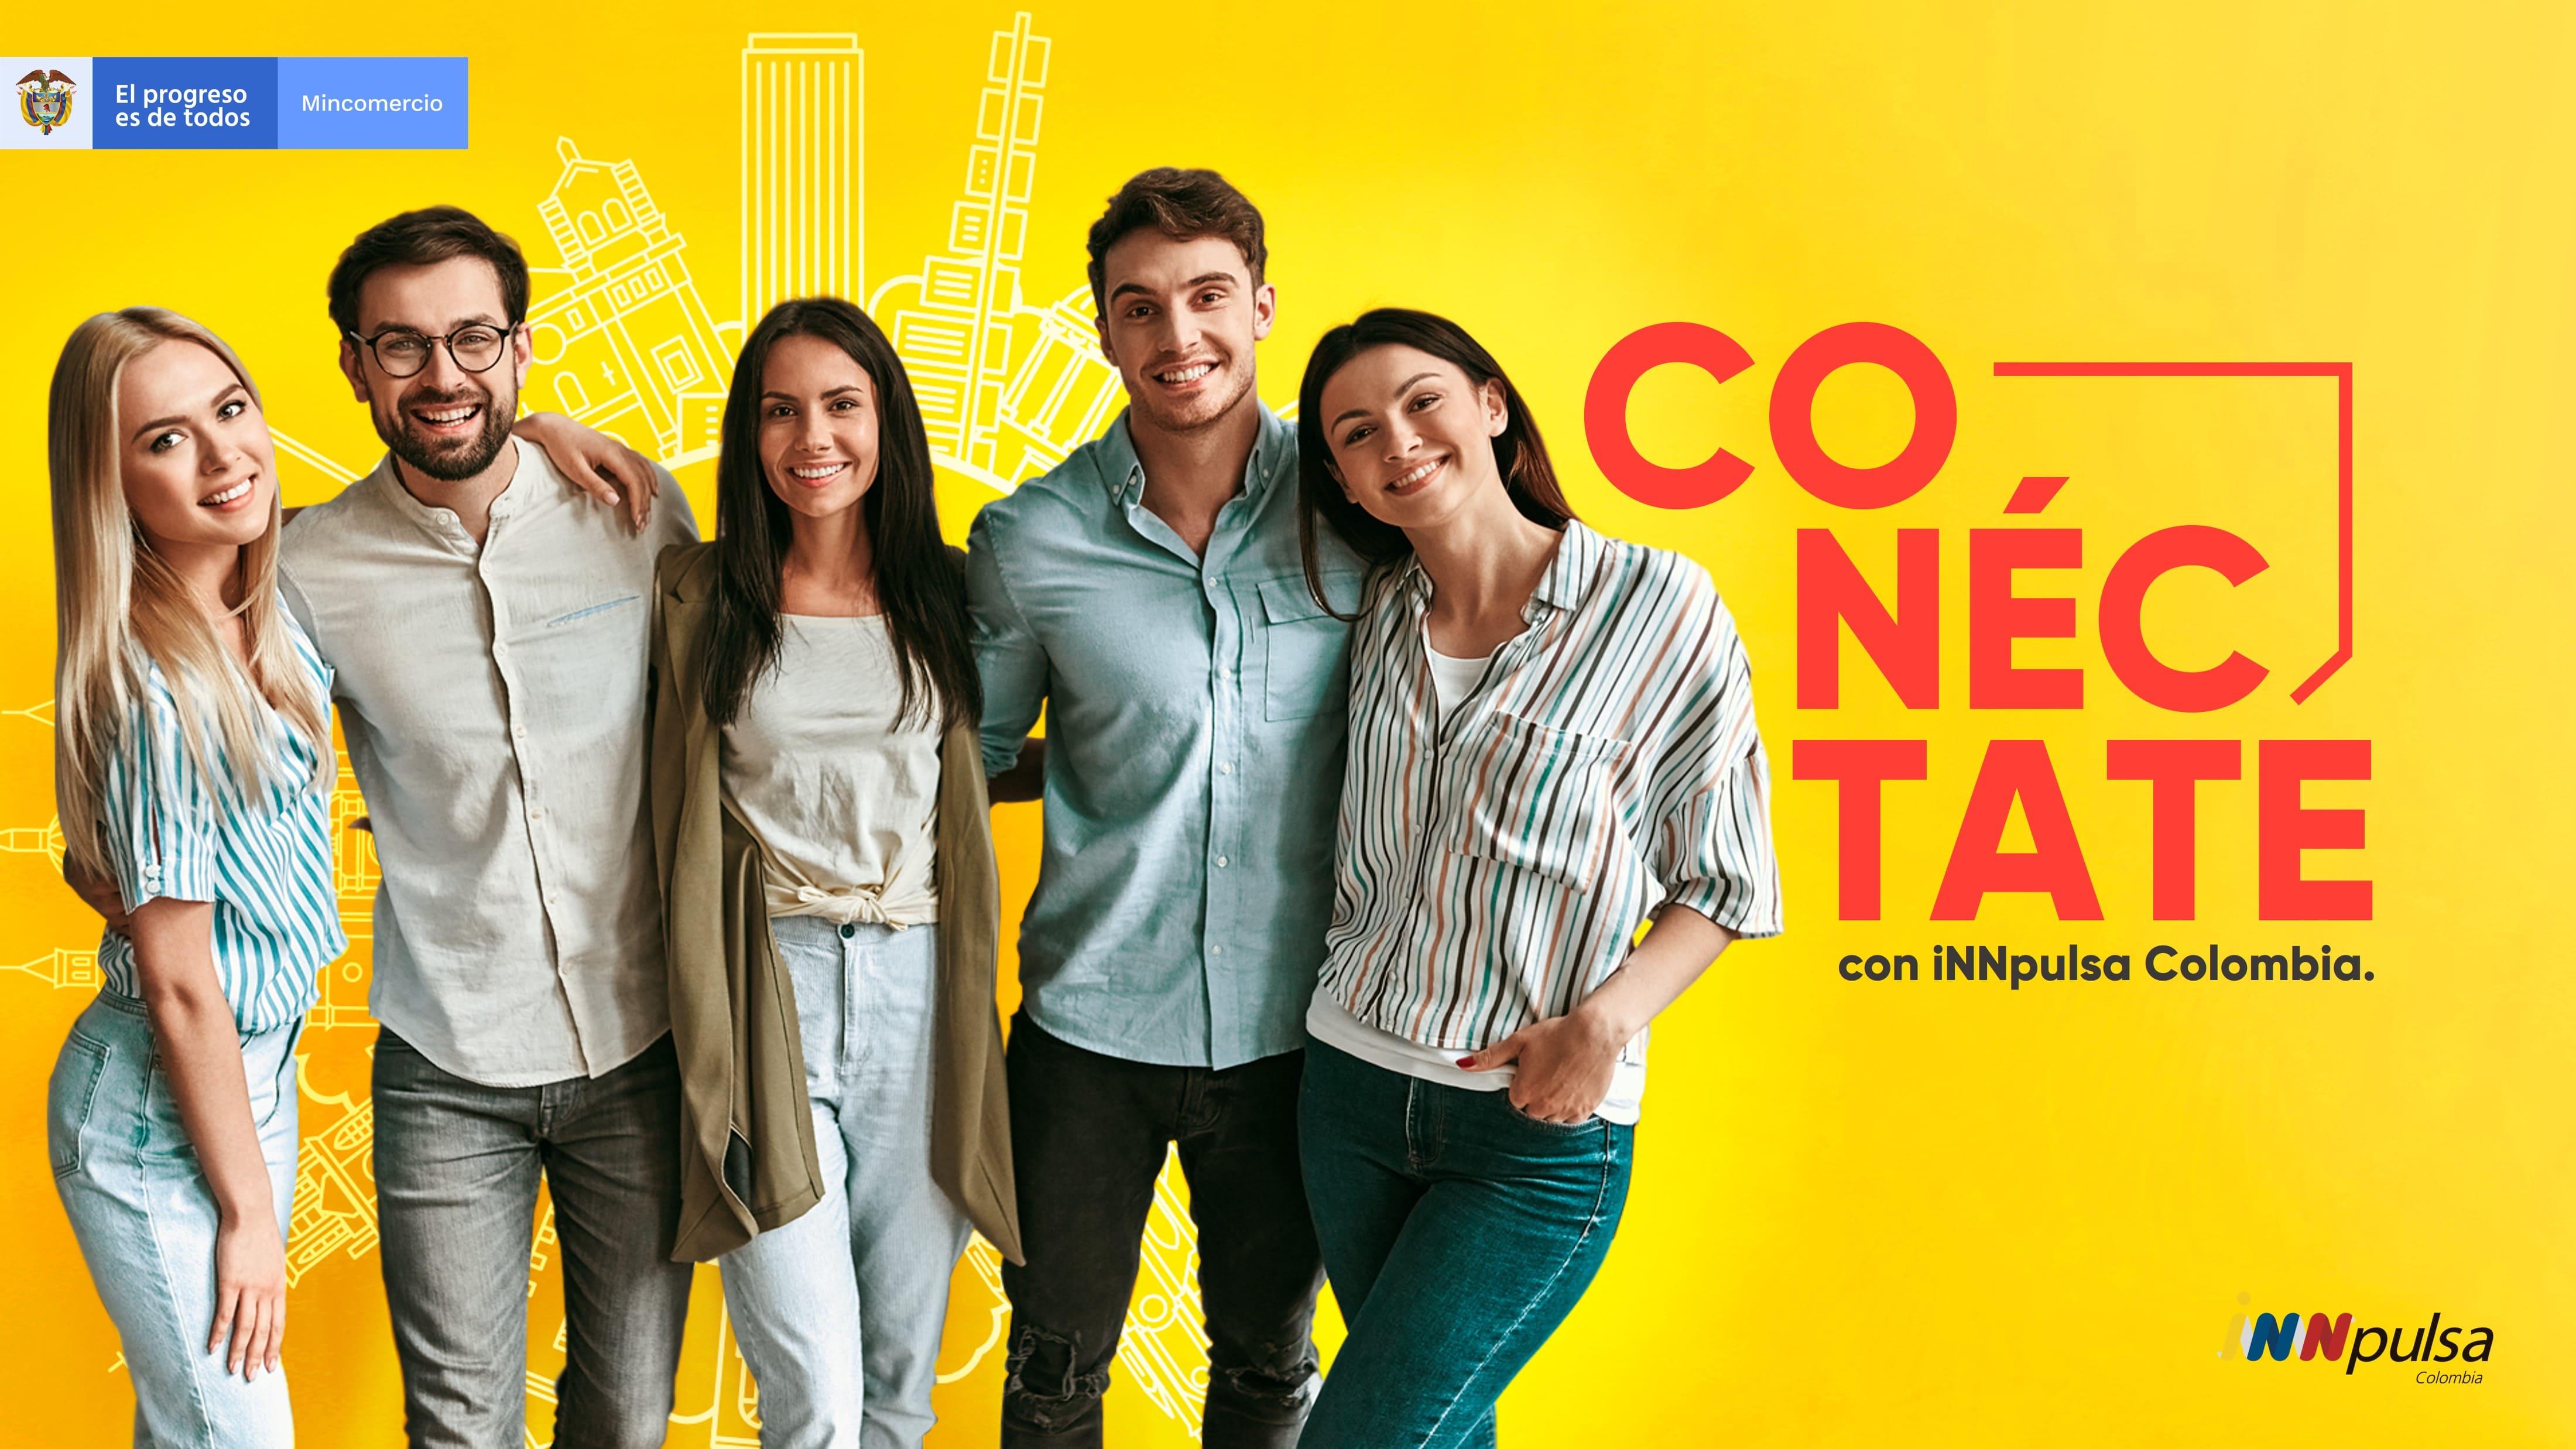 Imagen de referencia Documentos de la agencia de emprendimiento e innovación del Gobierno Nacional de Colombia